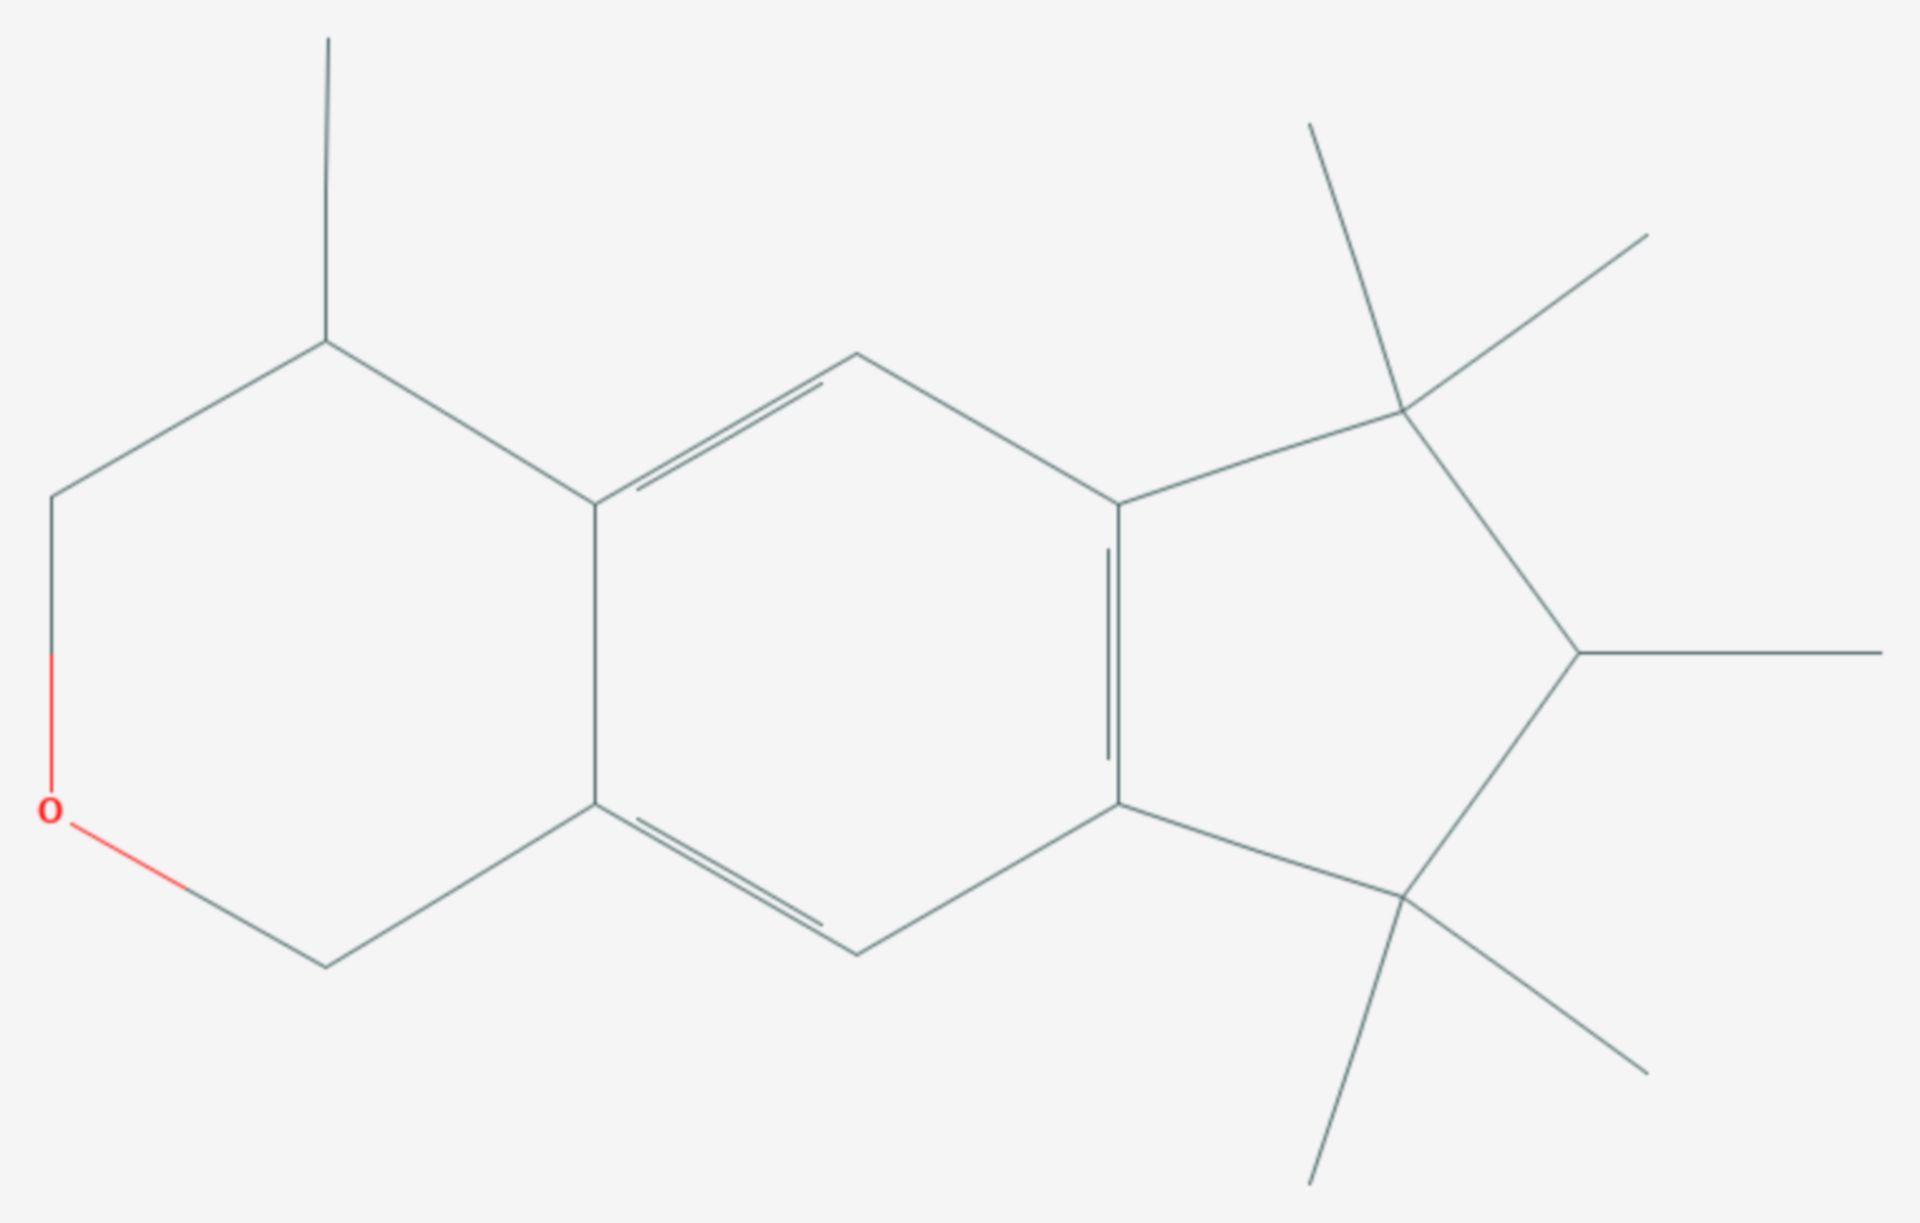 1,3,4,6,7,8-Hexahydro-4,6,6,7,8,8-hexamethyl-cyclopenta(g)-2-benzopyran (Strukturformel)